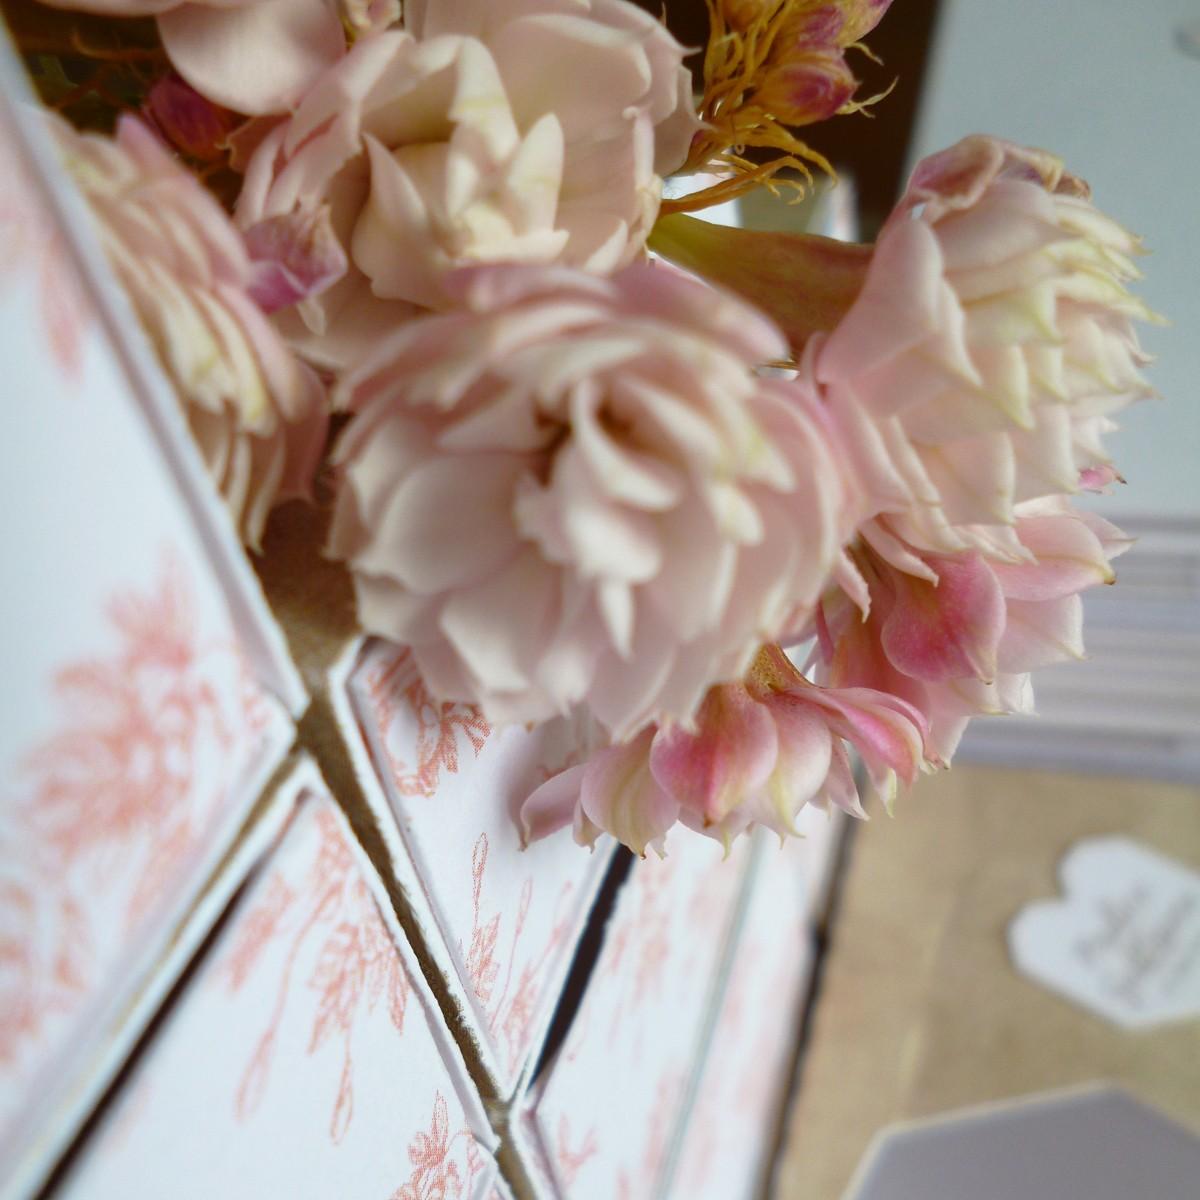 faire-part mariage personnalisé pliage origami rose vintage fleur chateau verderonne